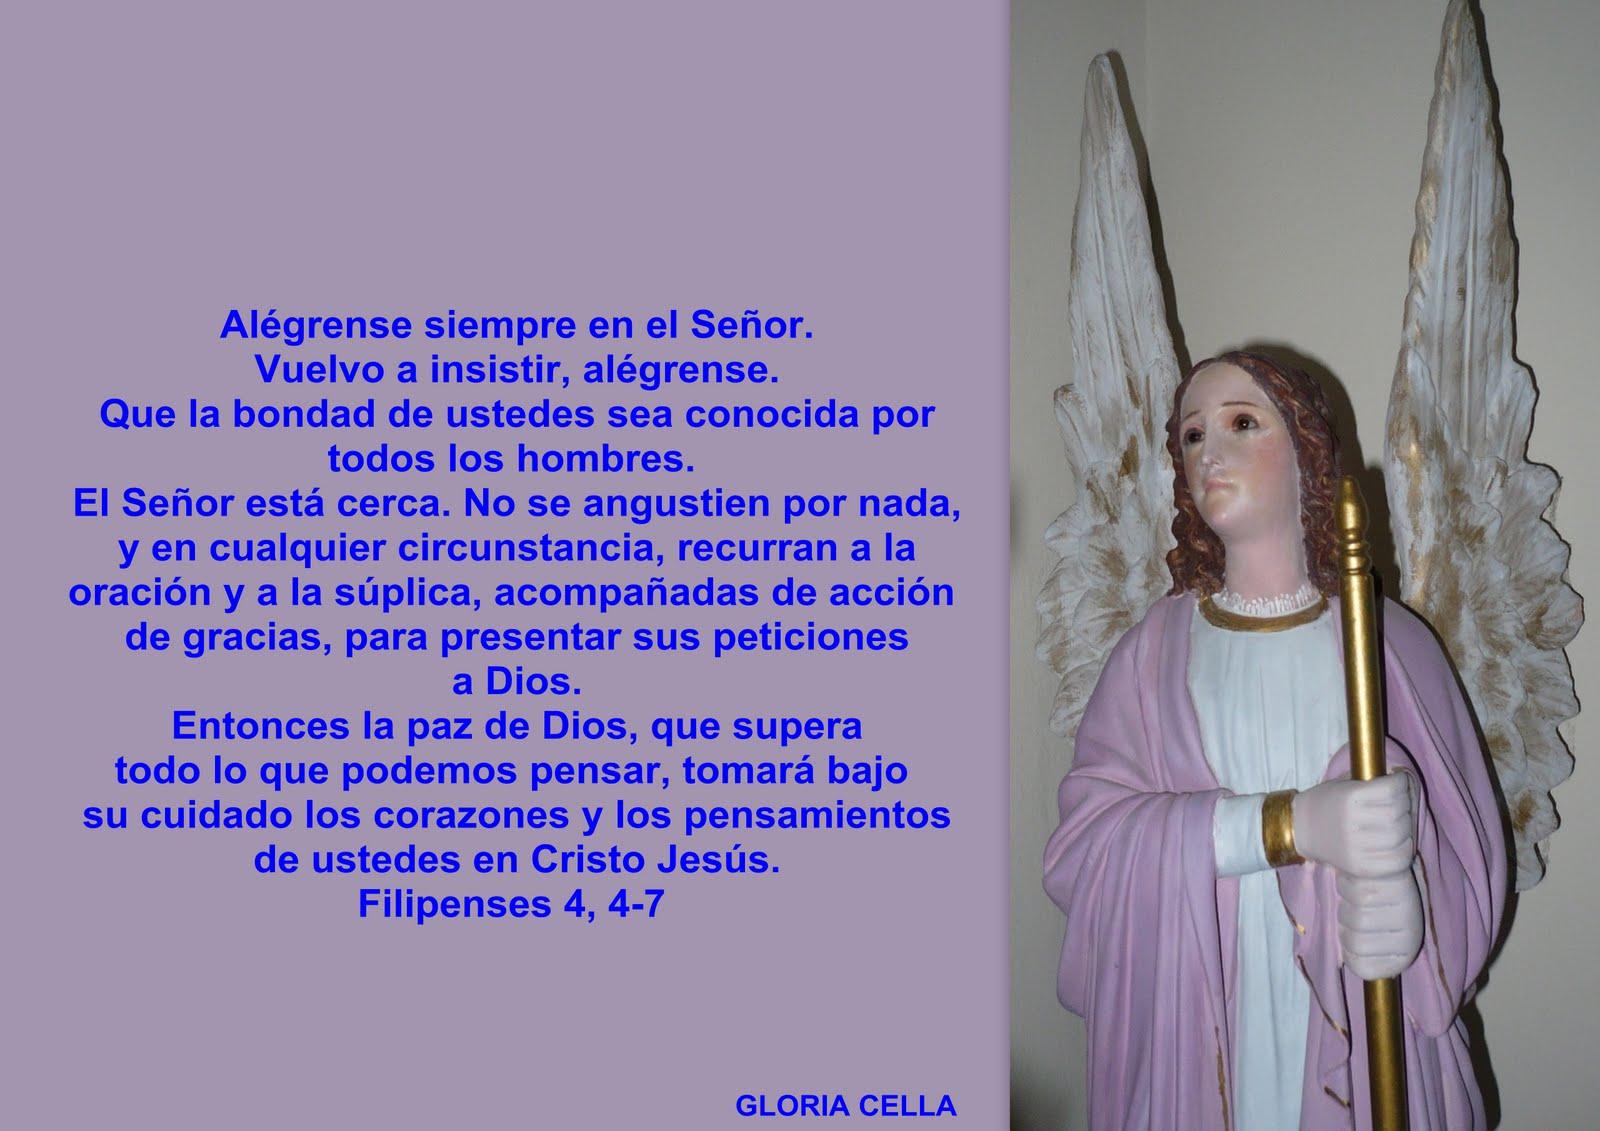 http://1.bp.blogspot.com/-Gz6AXqMNa9E/TsbQPowKx4I/AAAAAAAACek/l_1oxOt6NeM/s1600/ANGEL.jpg